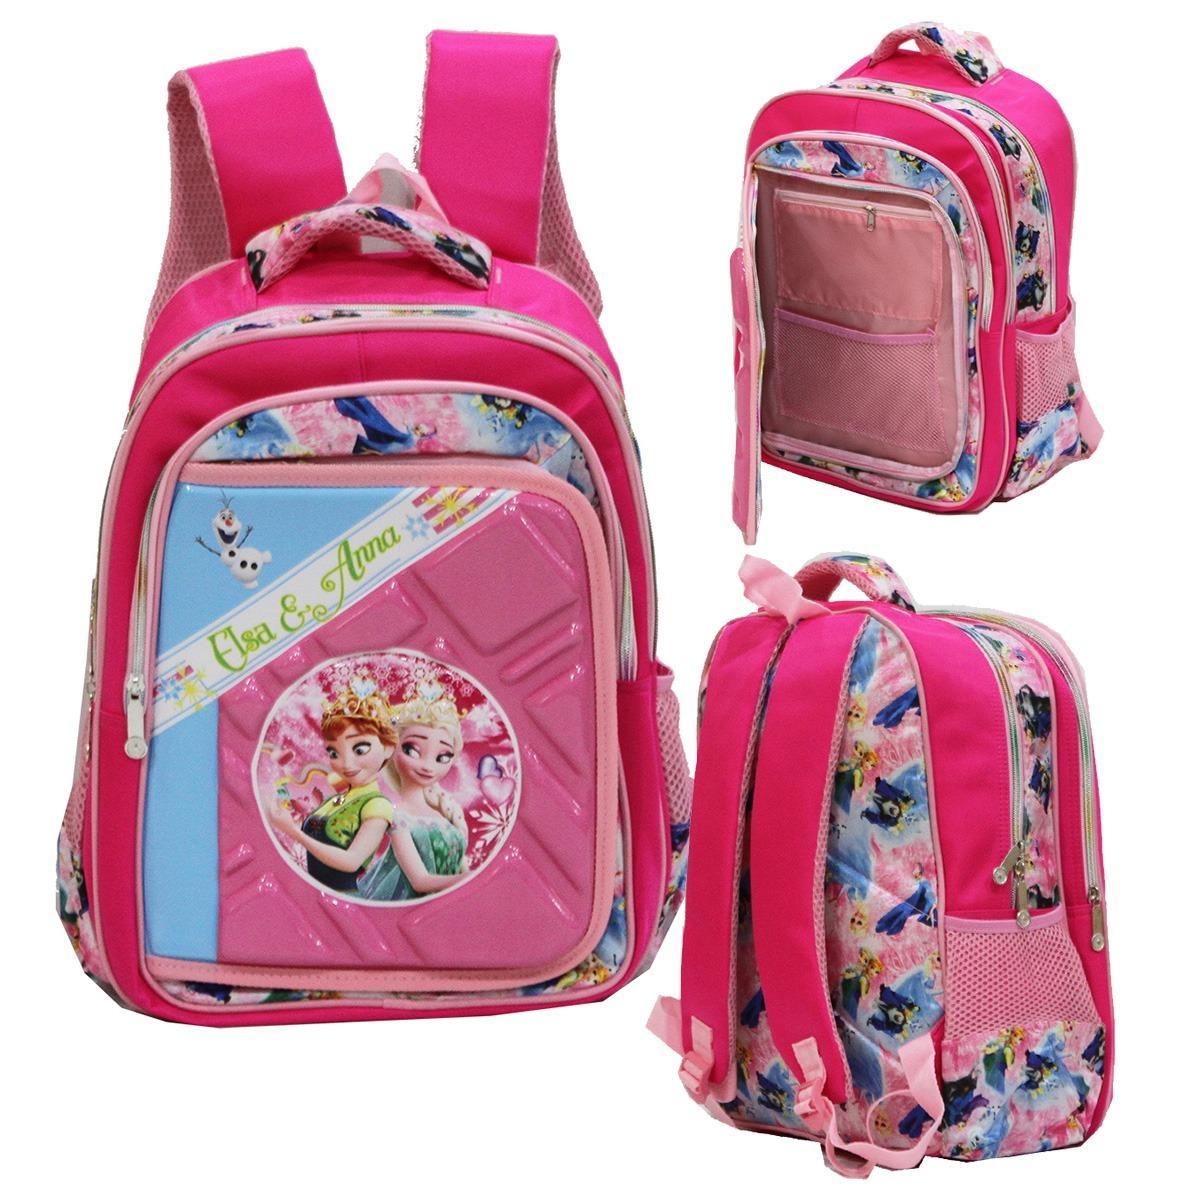 Beli Onlan Disney Frozen 6D Timbul Ransel Big Bag Sch**l Import Pink Onlan Murah